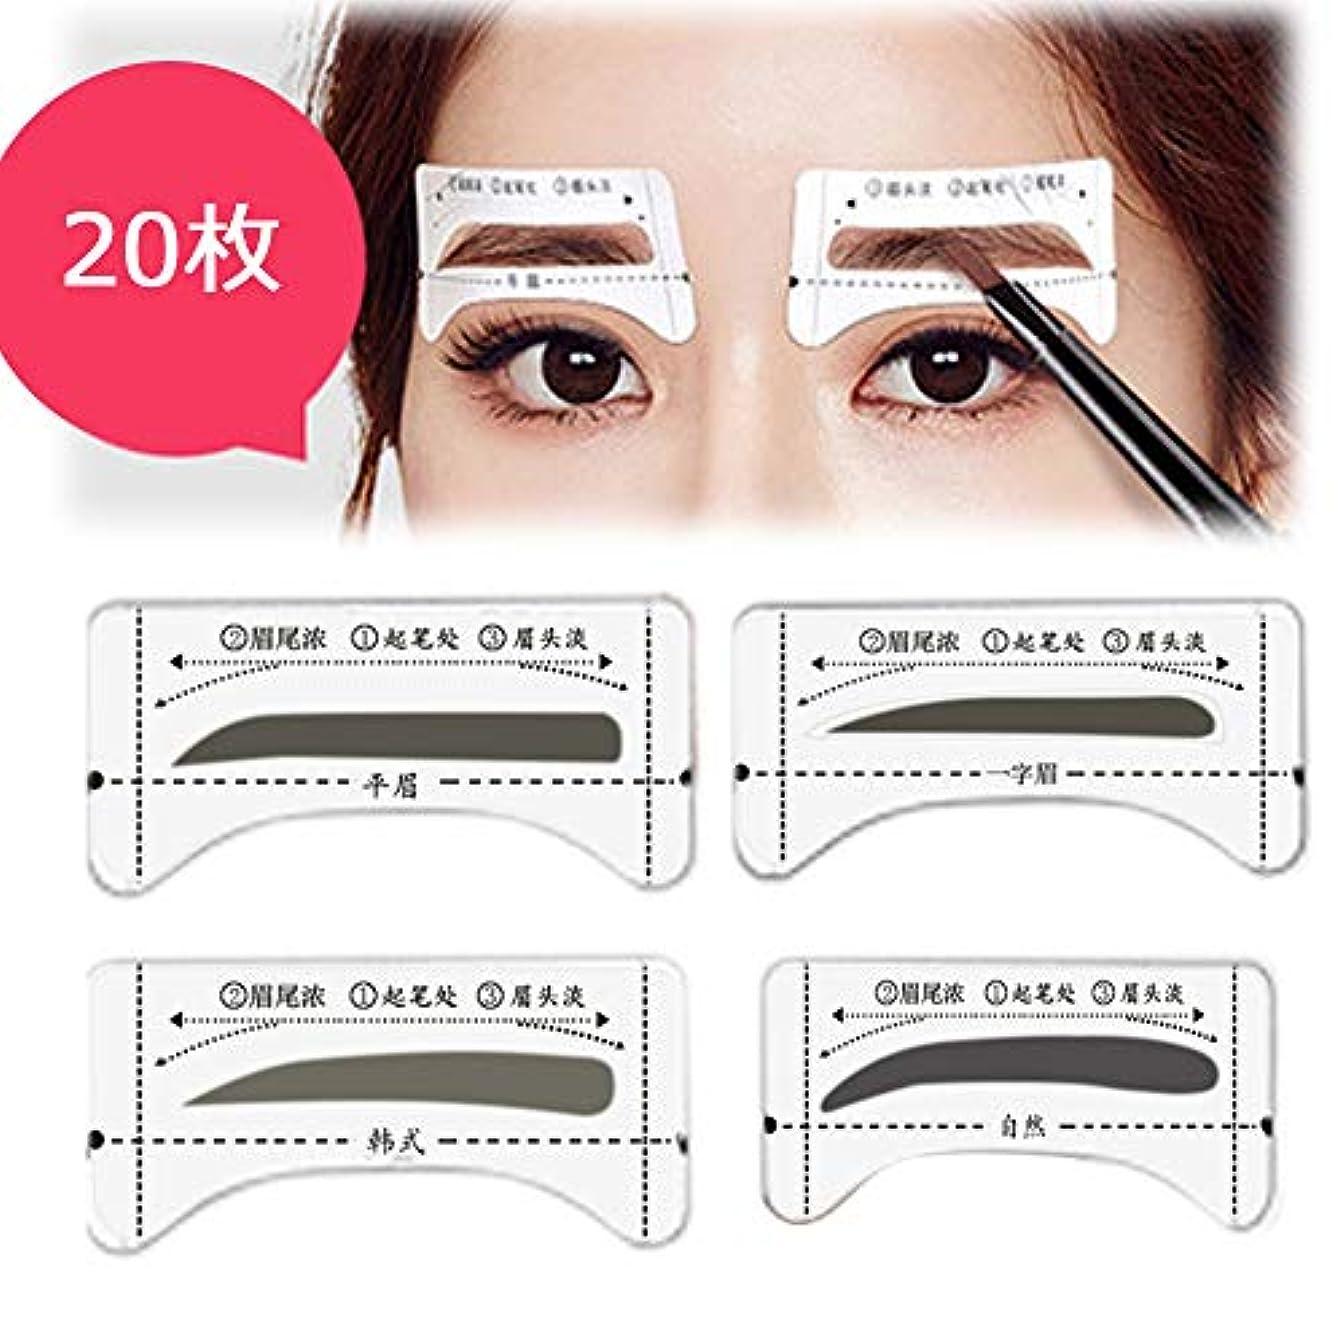 拮抗する旅行代理店リー眉テンプレート 眉毛 4種20枚(韓国風、一言眉、自然、平らな眉毛)片手使用する